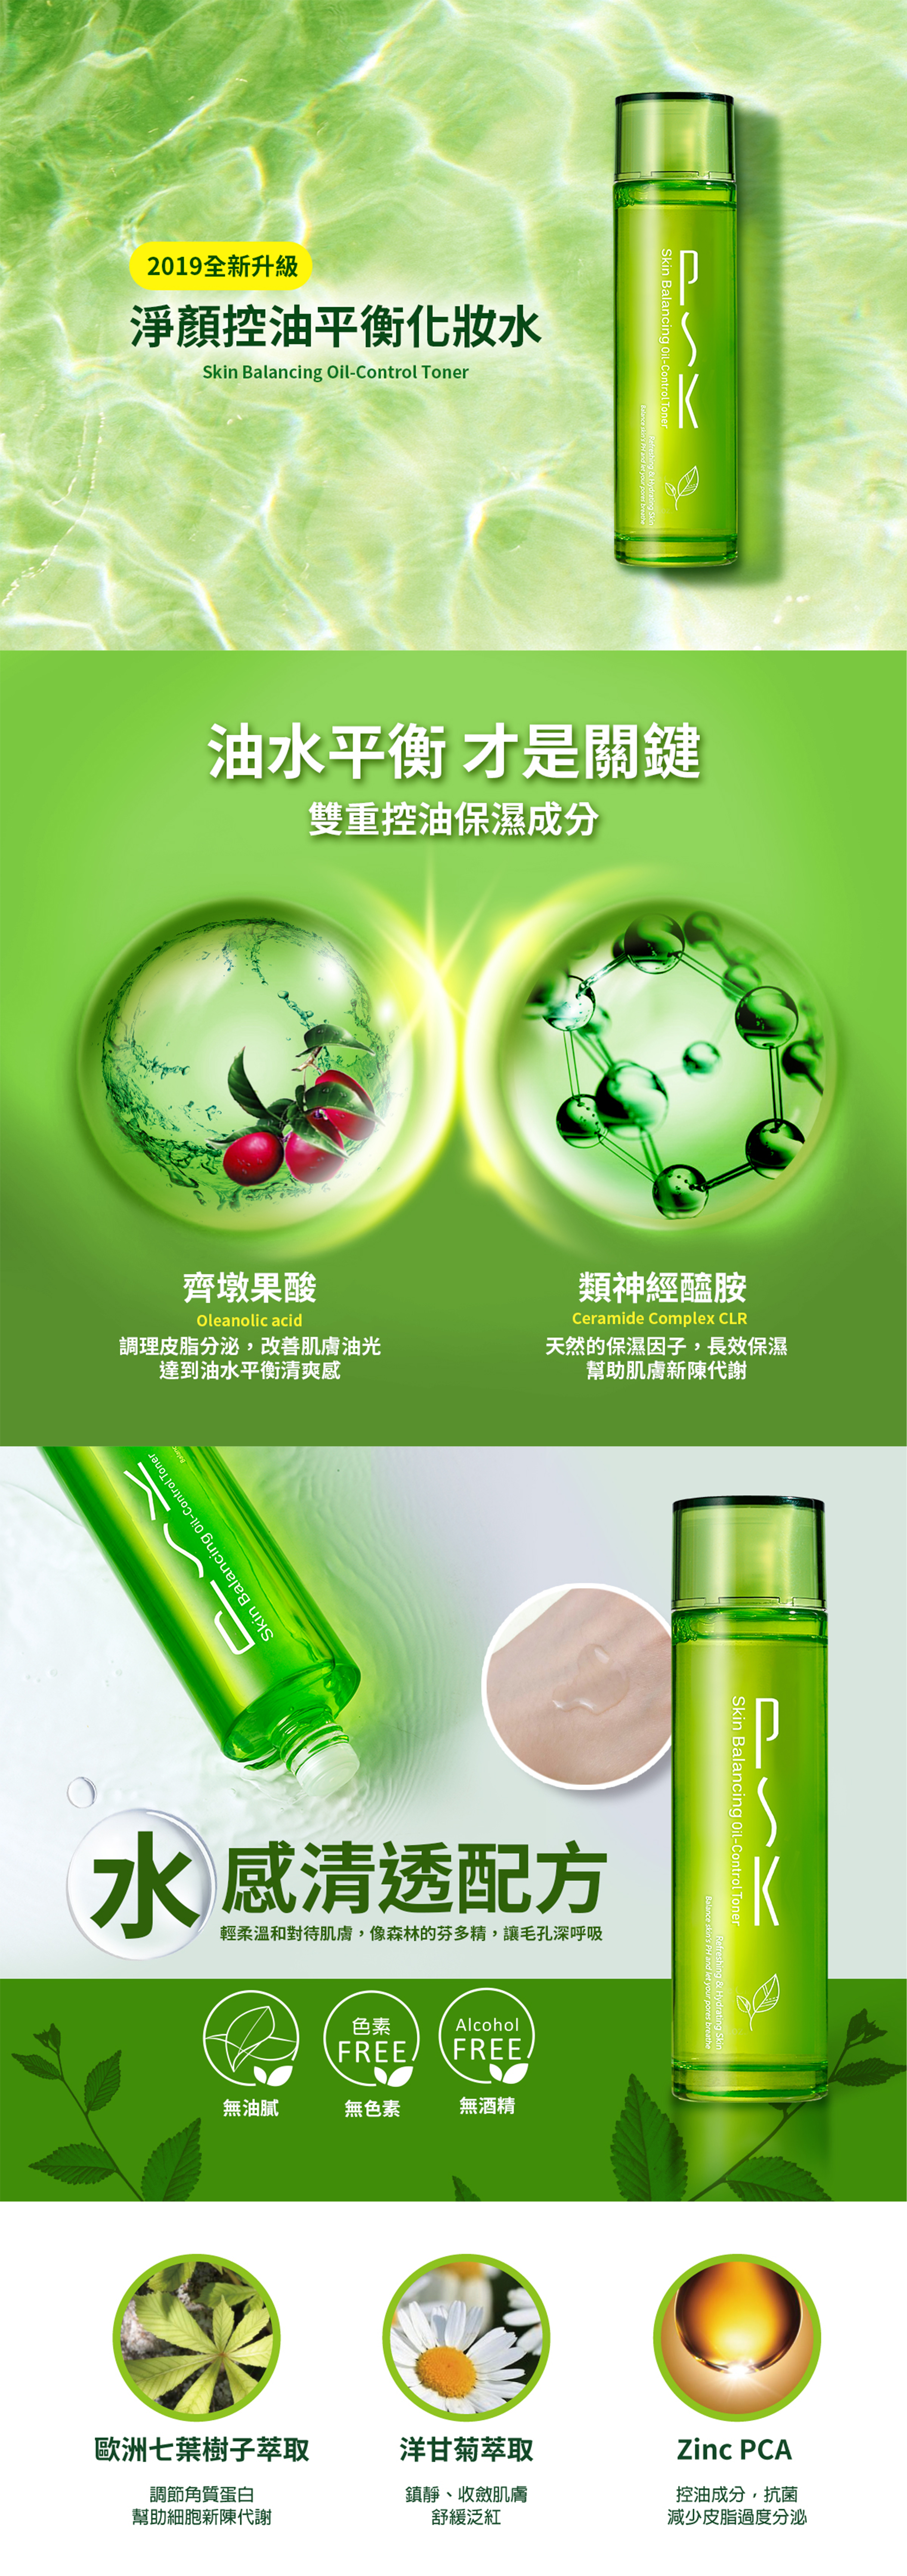 油水平衡,控油,油光,油水平衡,控油保養品